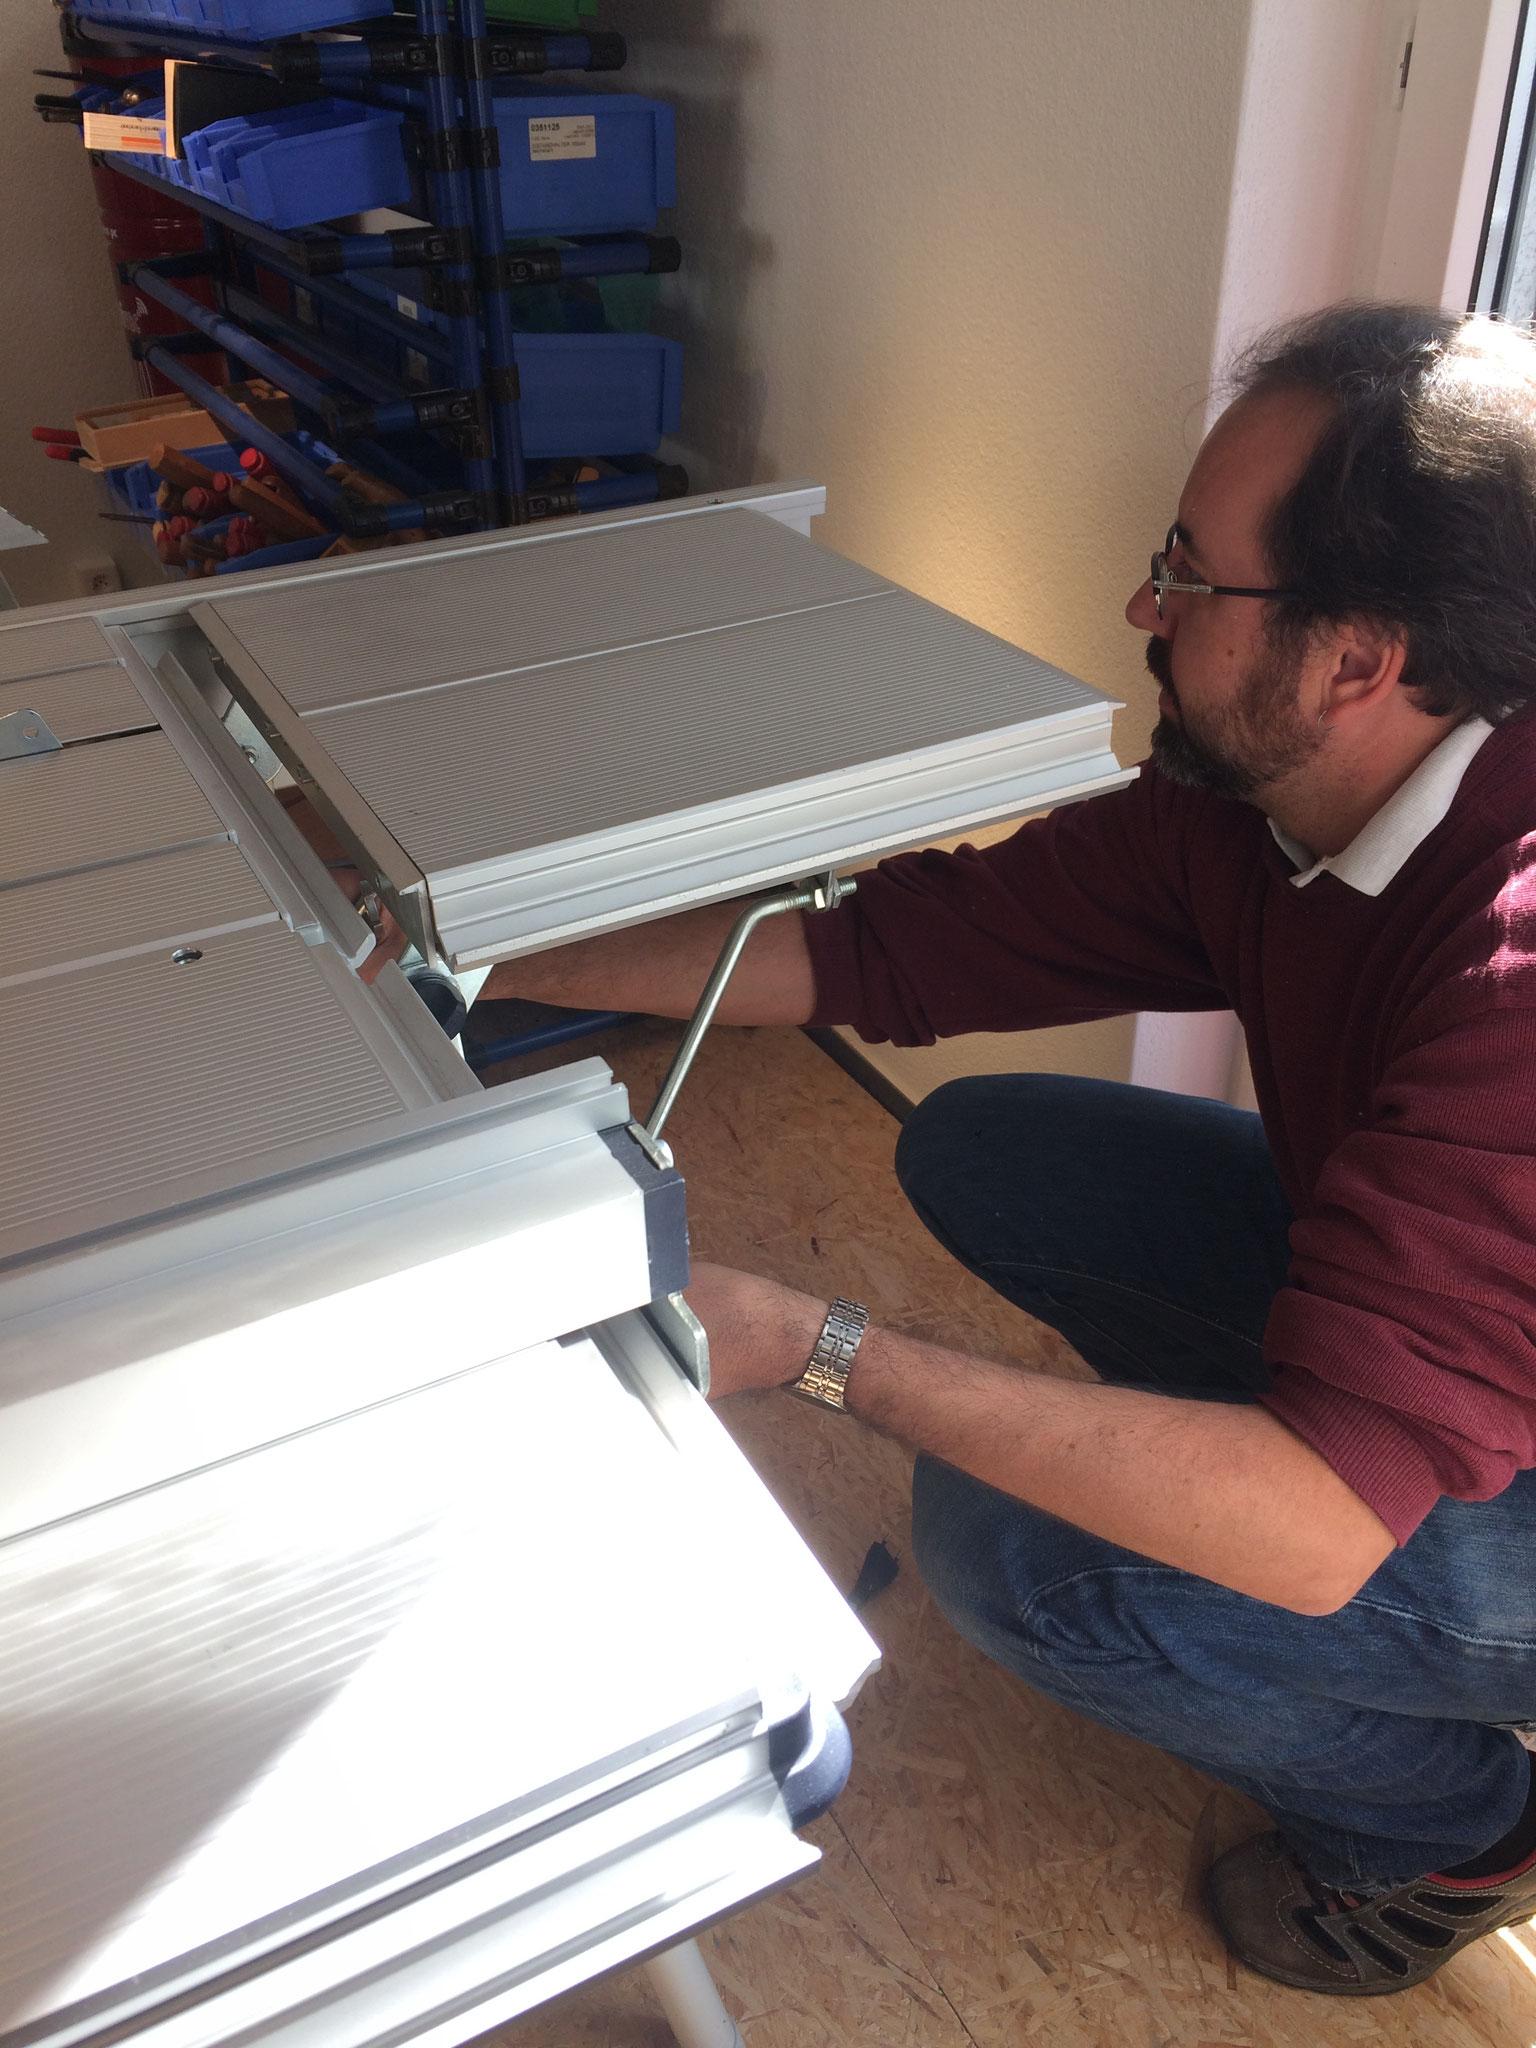 Dani nimmt die Tischfräse in Betrieb